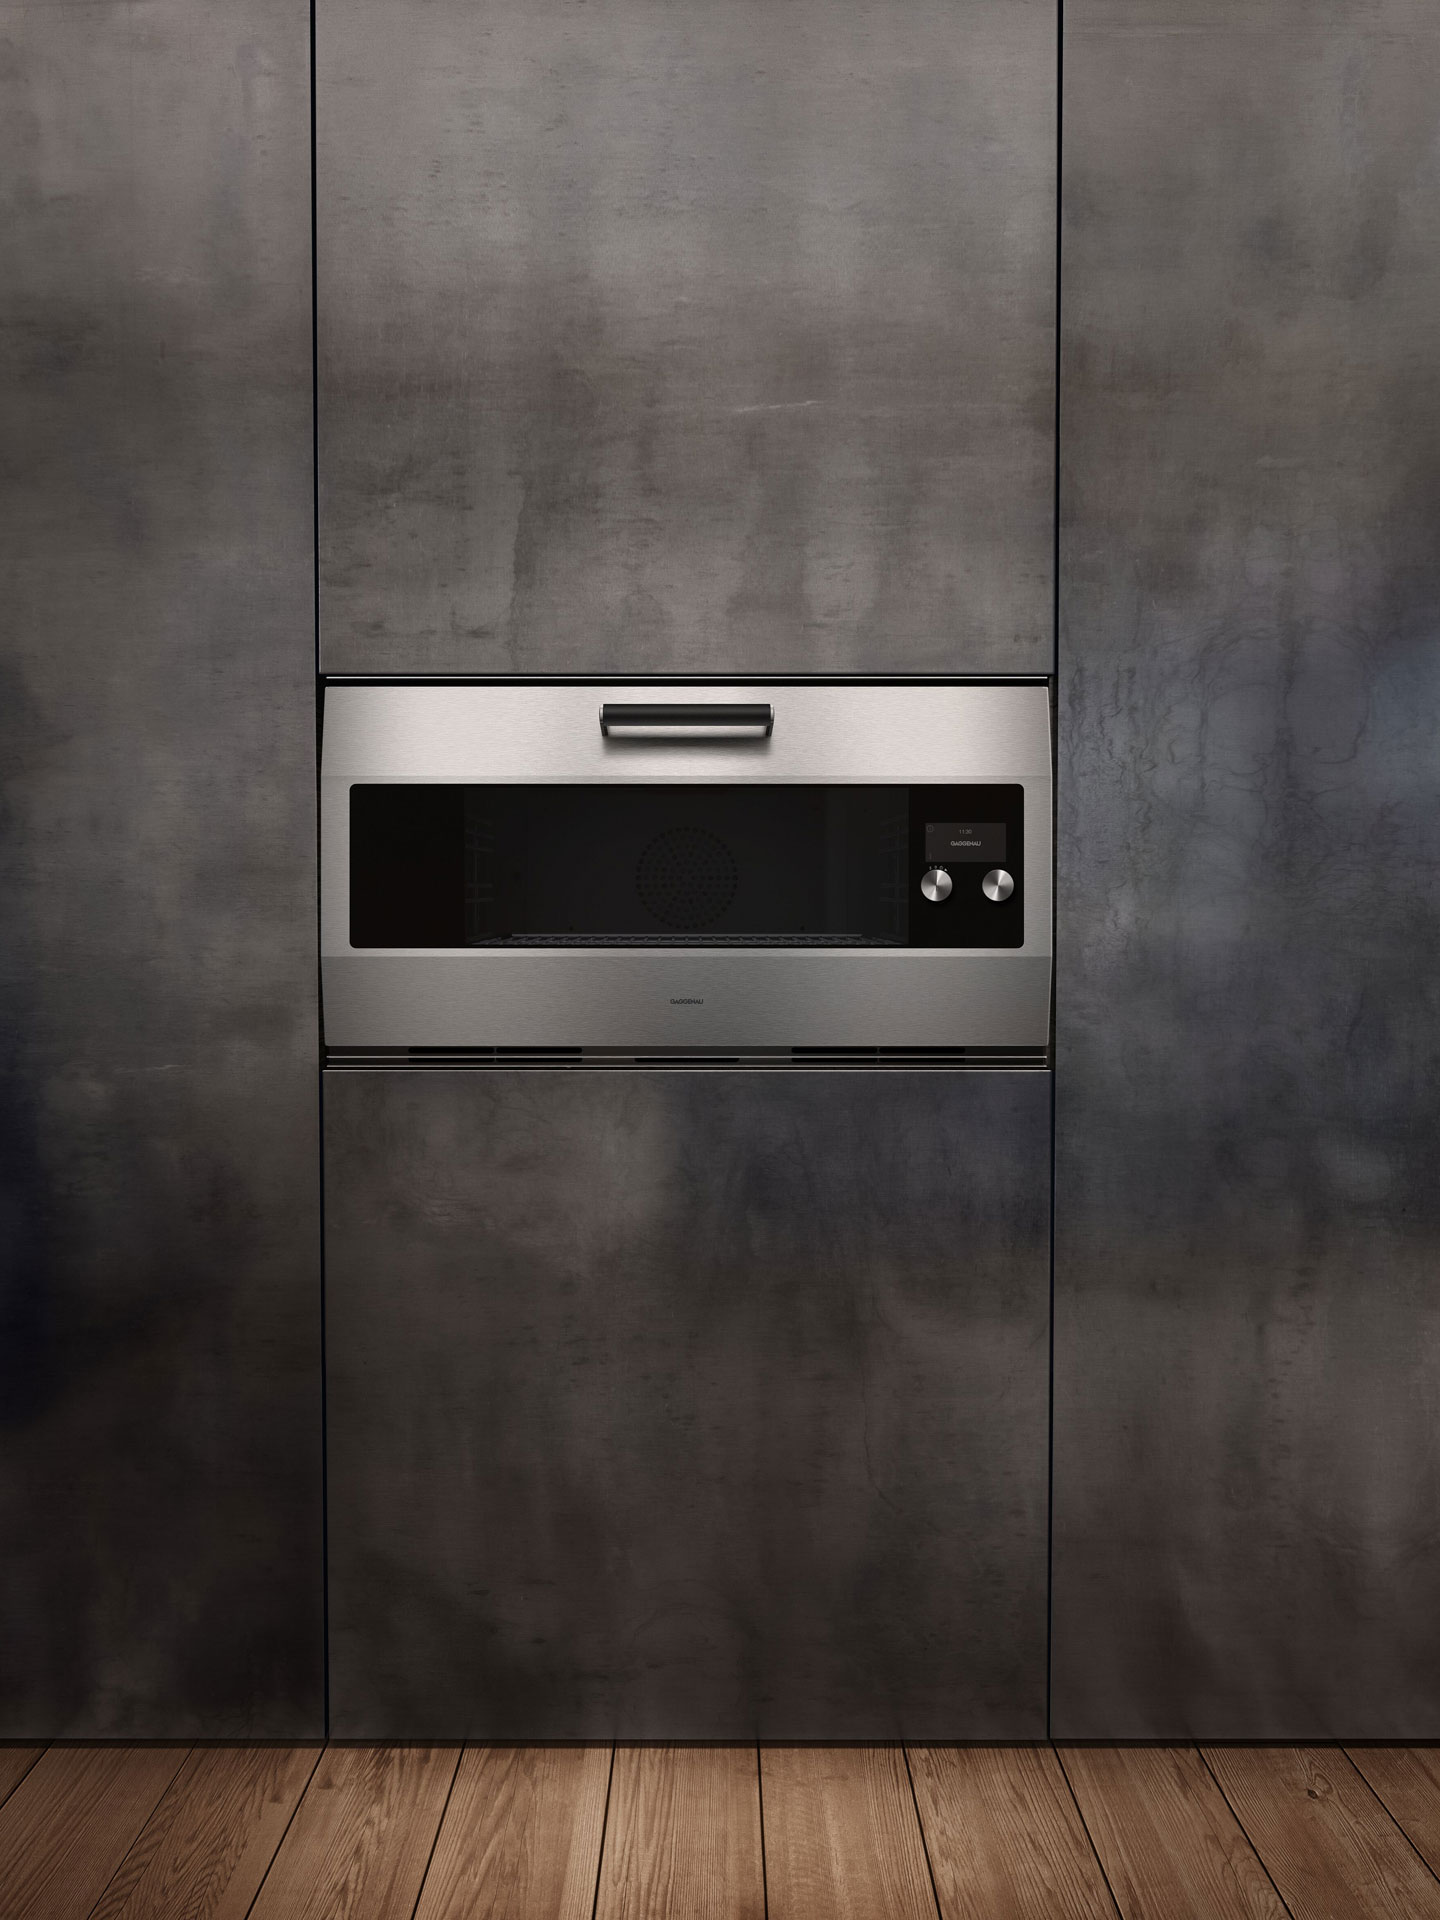 Gaggenau Klassiker EB 333 – Backofen flächenbündig in schwarzer Küchenzeile verbaut